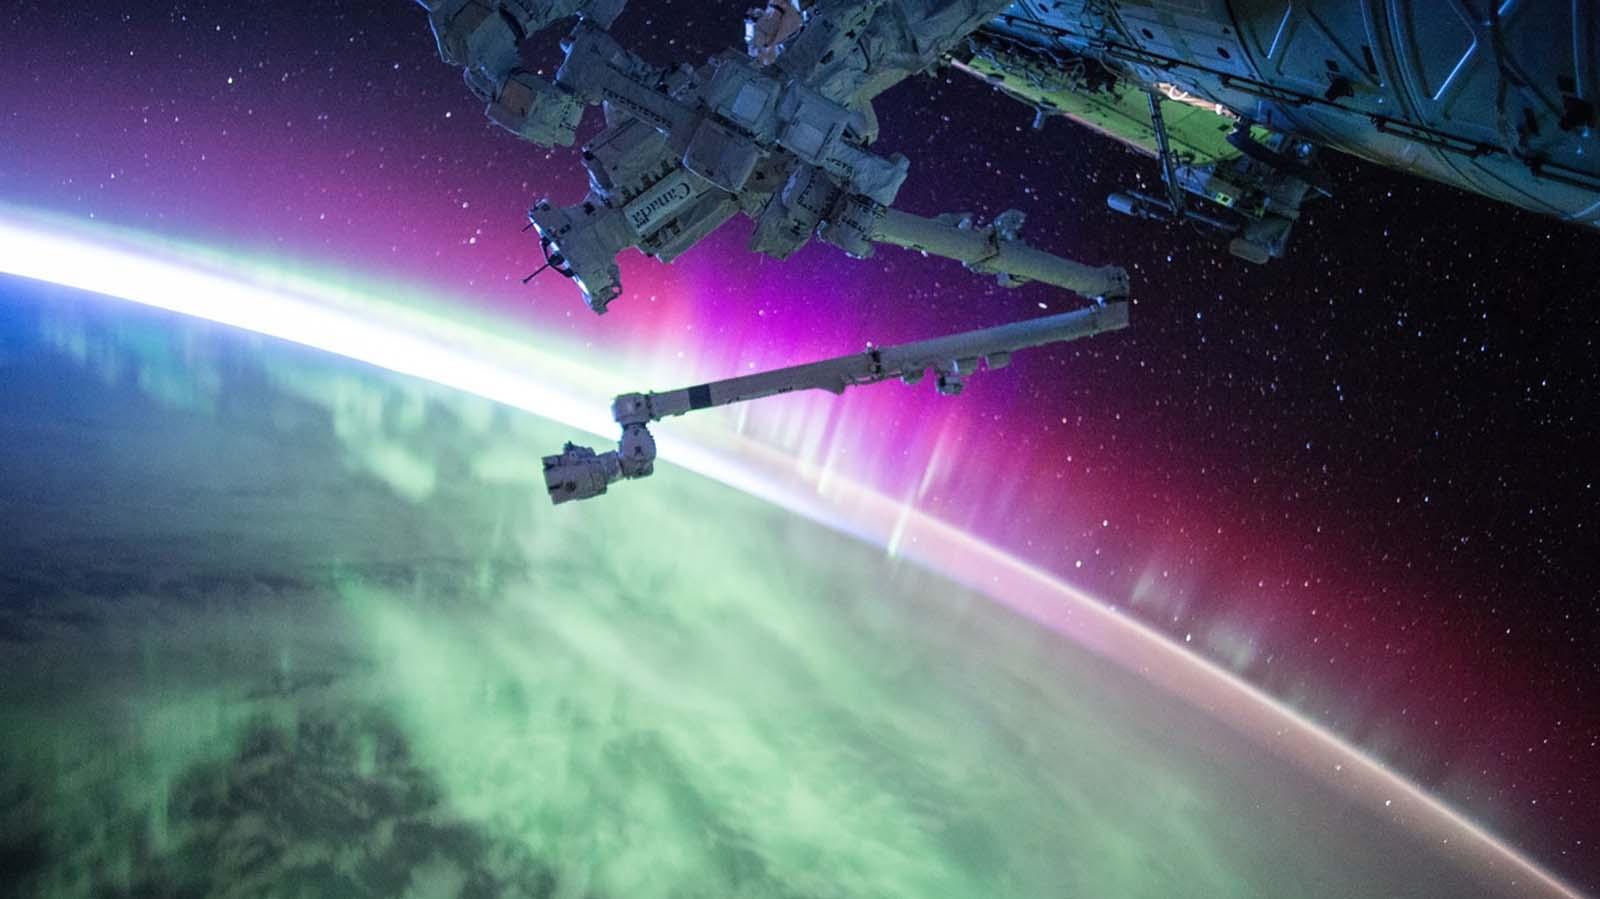 La explotación de los recursos minerales en el espacio C3